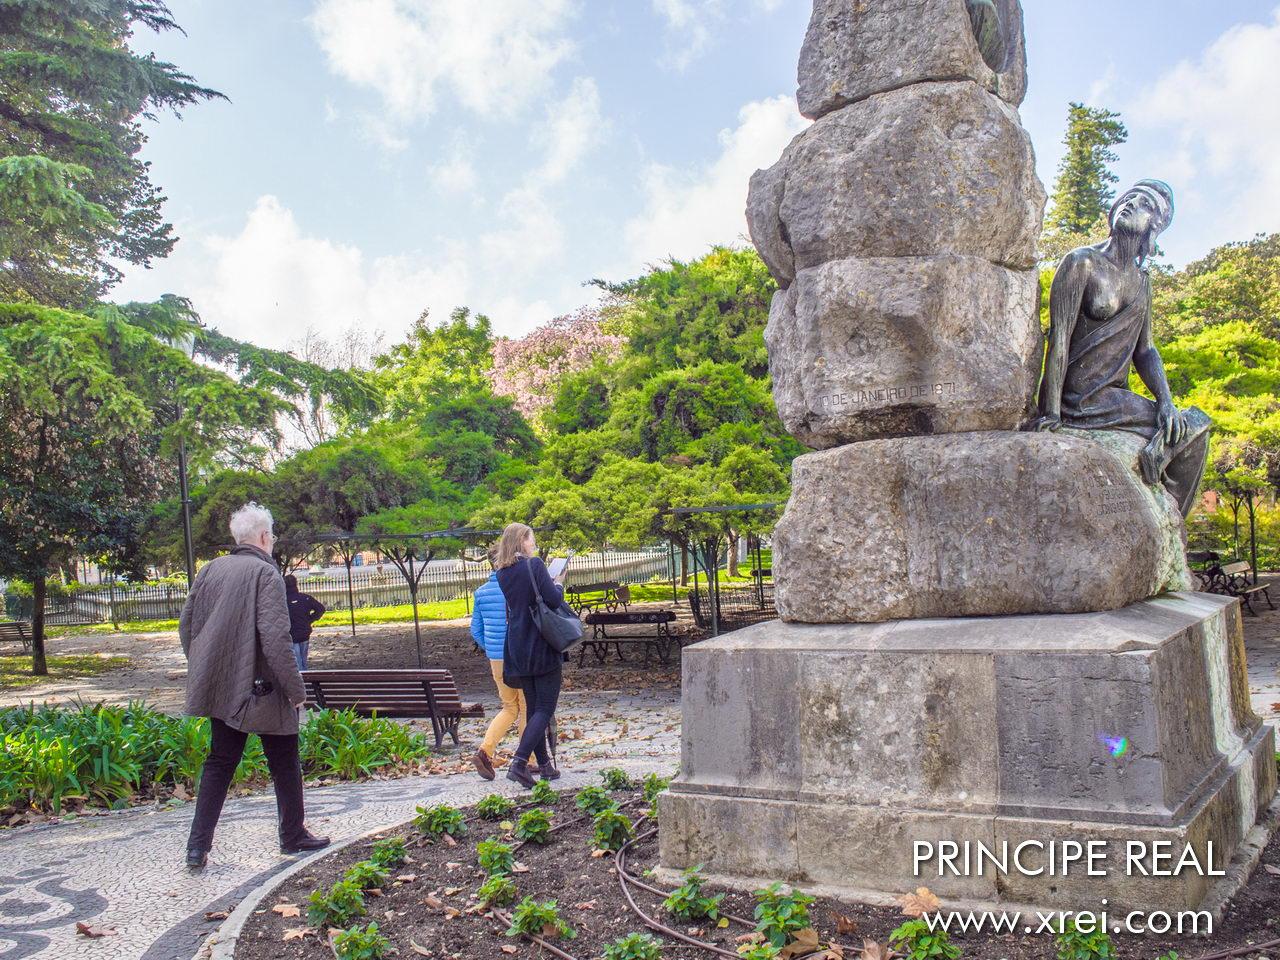 Princípe Real é um bairro conhecido pelas lojas e pelos palacetes dos séculos XVIII e XIX, situado no topo de uma das colinas de Lisboa, faz fronteira com o Bairro-Alto, o bairro da Estrela, e a Avenida da Liberdade.